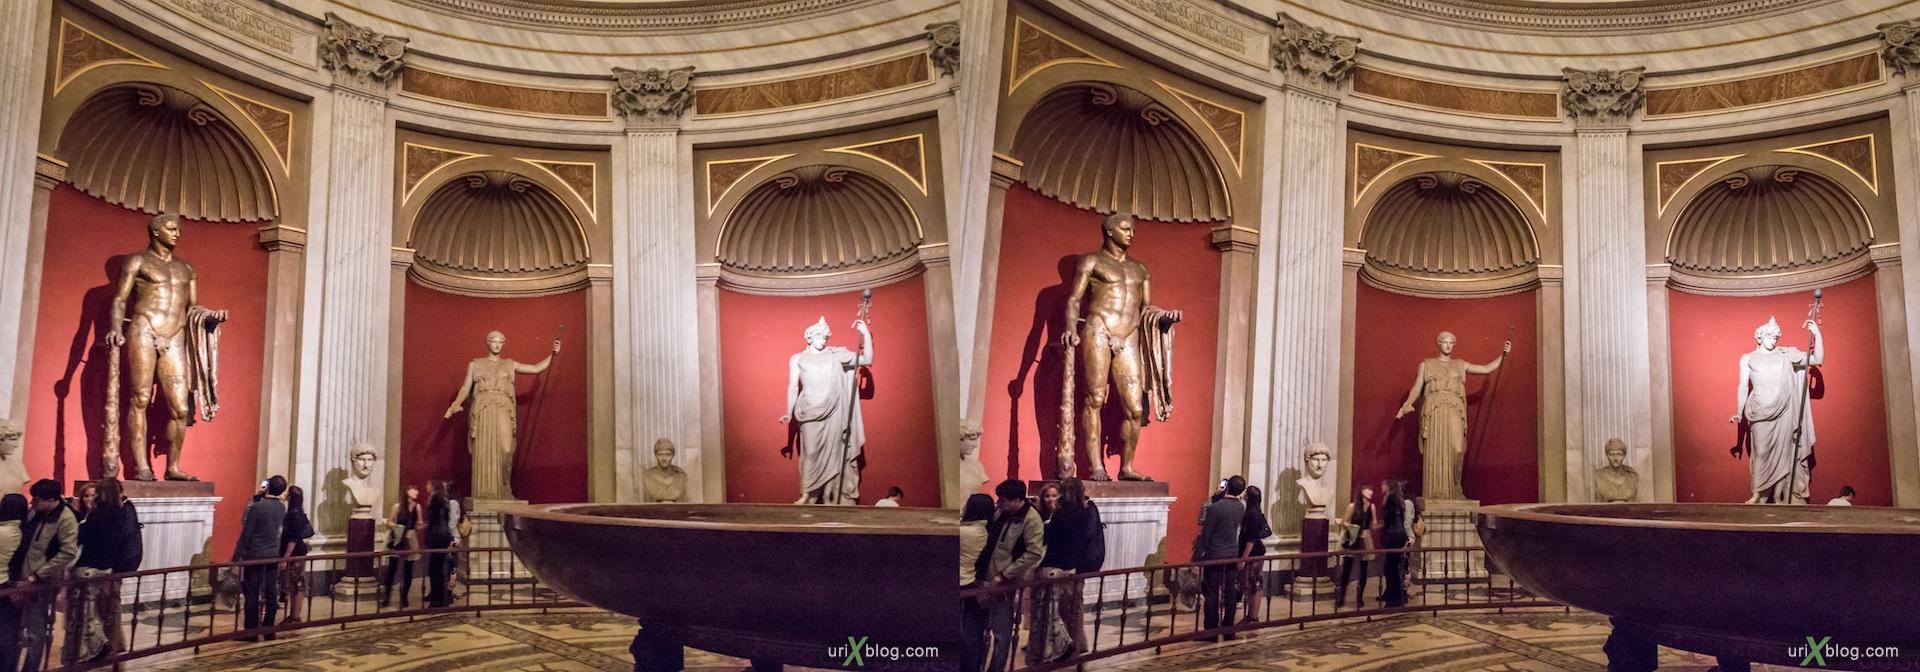 2012, музей, Ватикан, Рим, Италия, 3D, перекрёстные стереопары, стерео, стереопара, стереопары